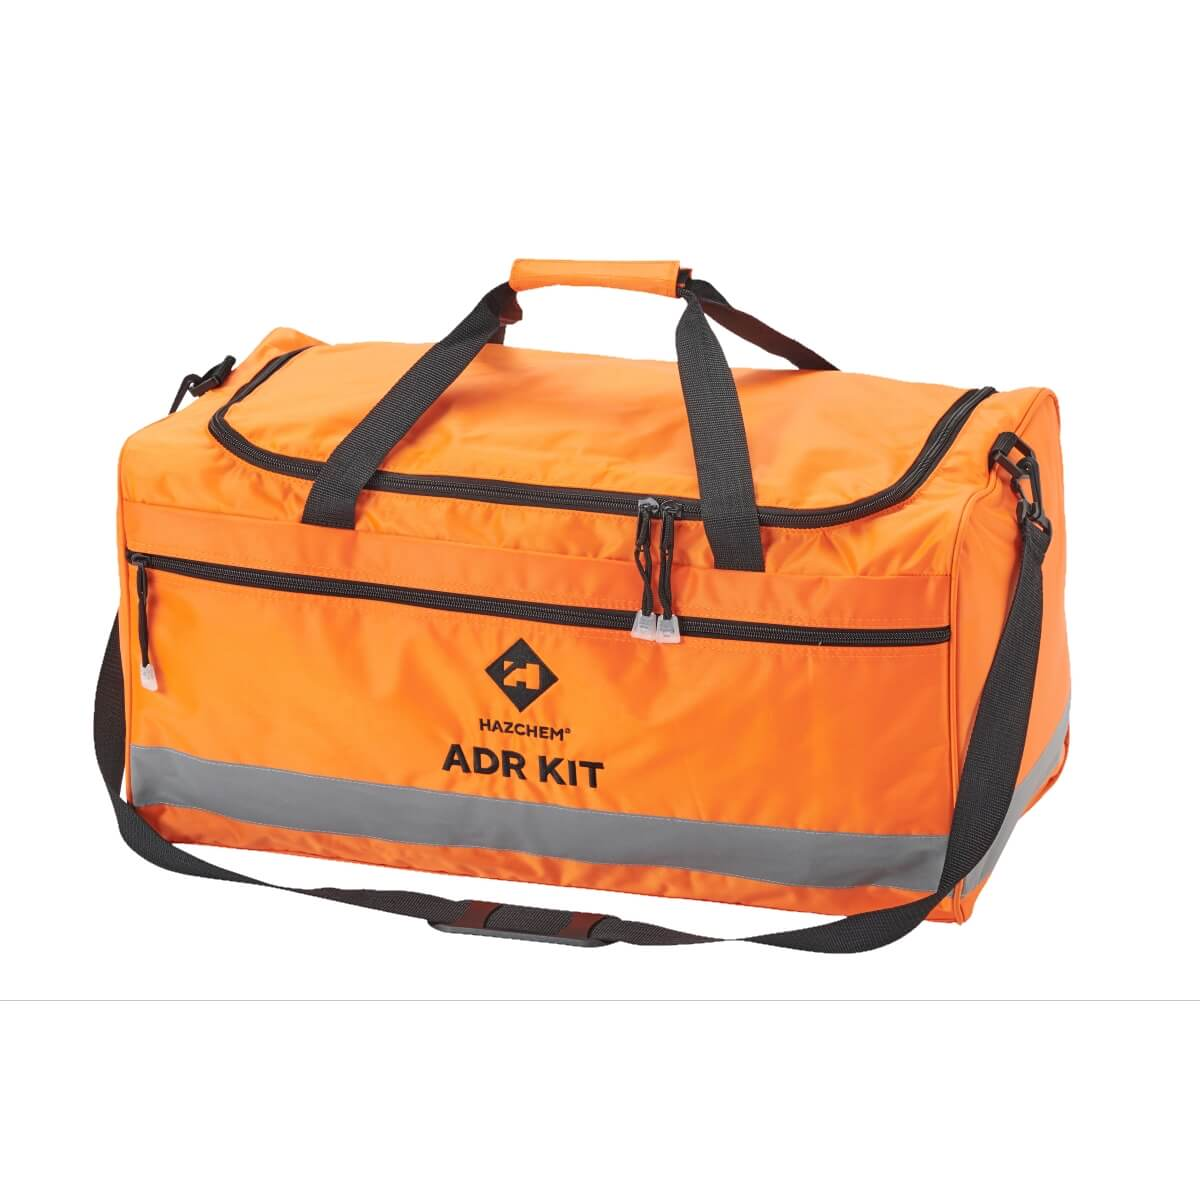 Hazchem ADR Kit Bag